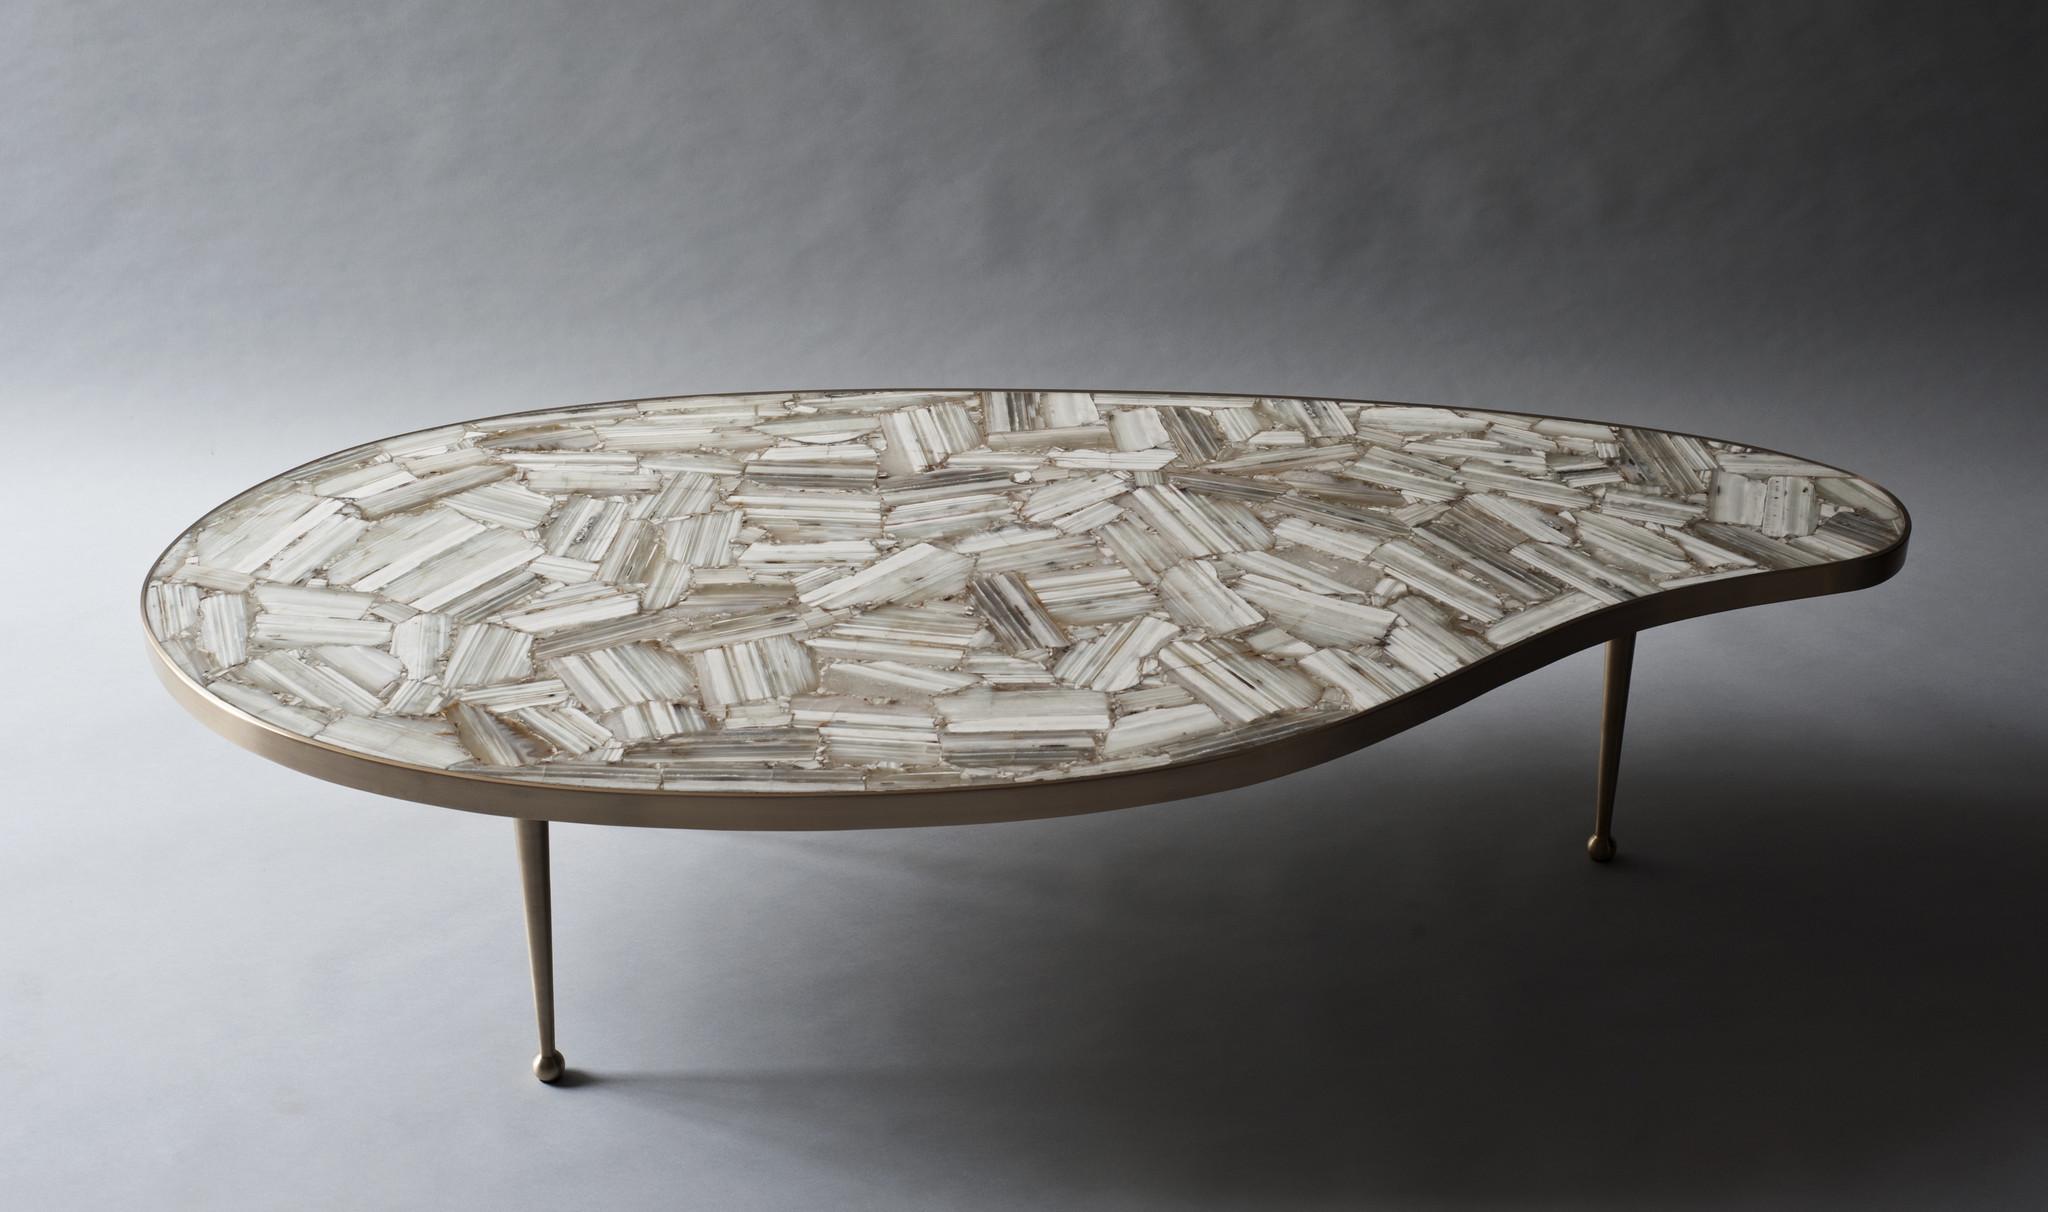 Demuro Das Lola Center Table